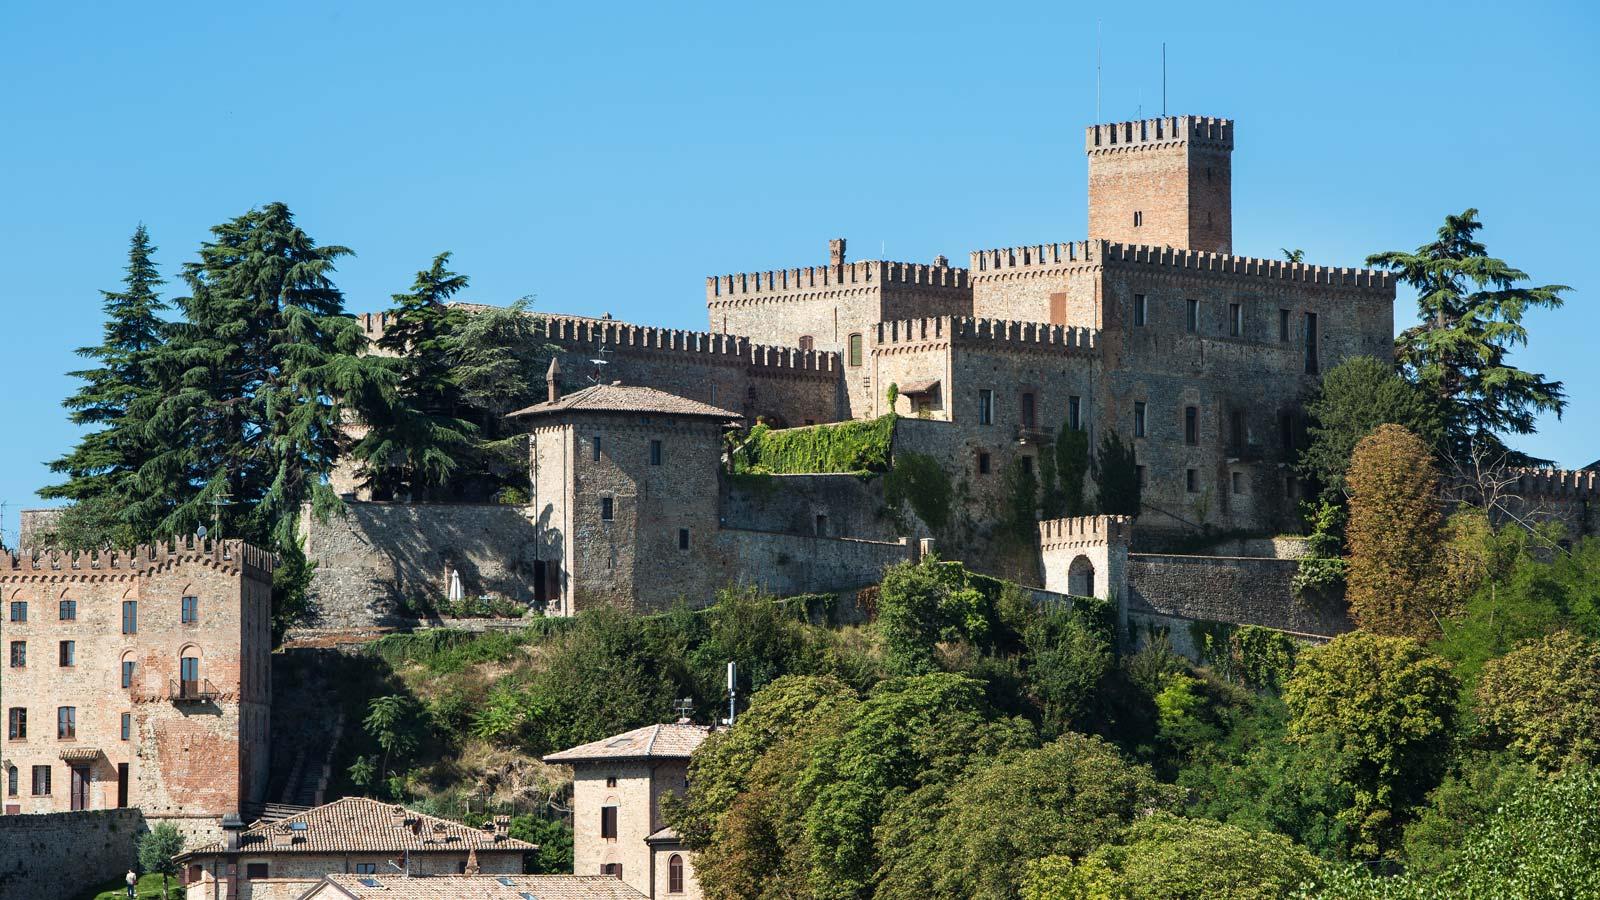 Antico Borgo di Tabiano Castle - Relais de Charme - Official Site